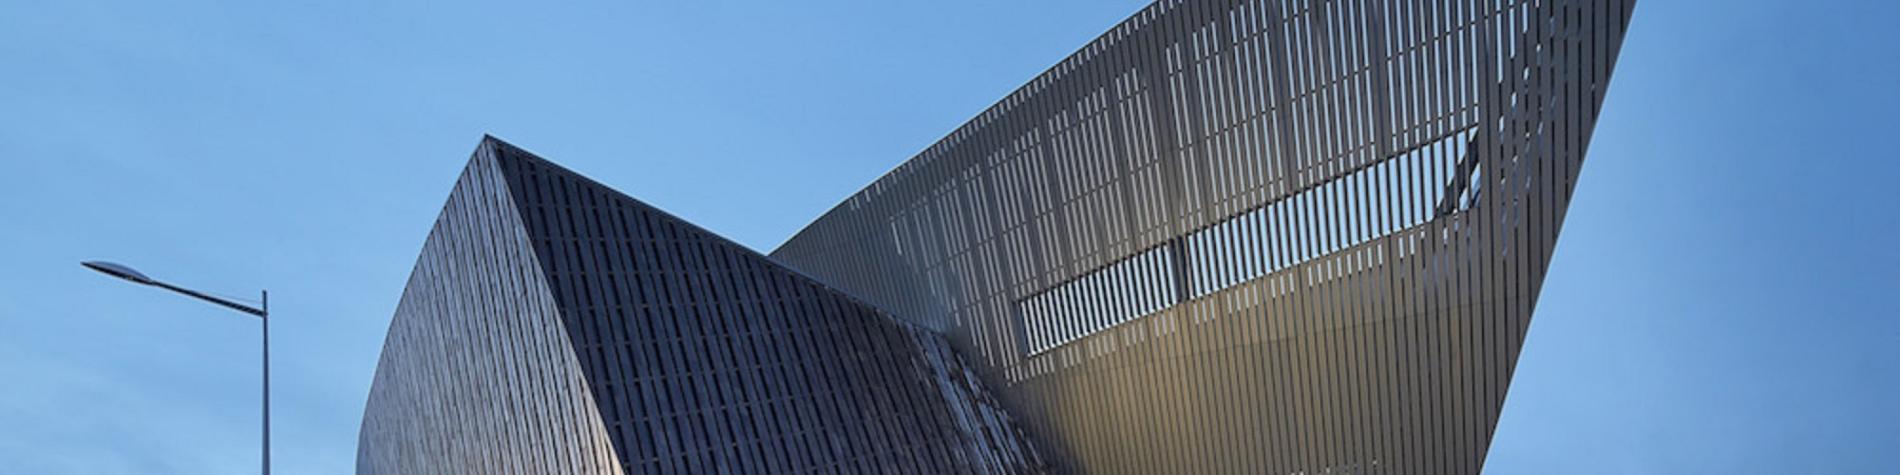 Centre de congrès, conférences et séminaires à Mons en Wallonie